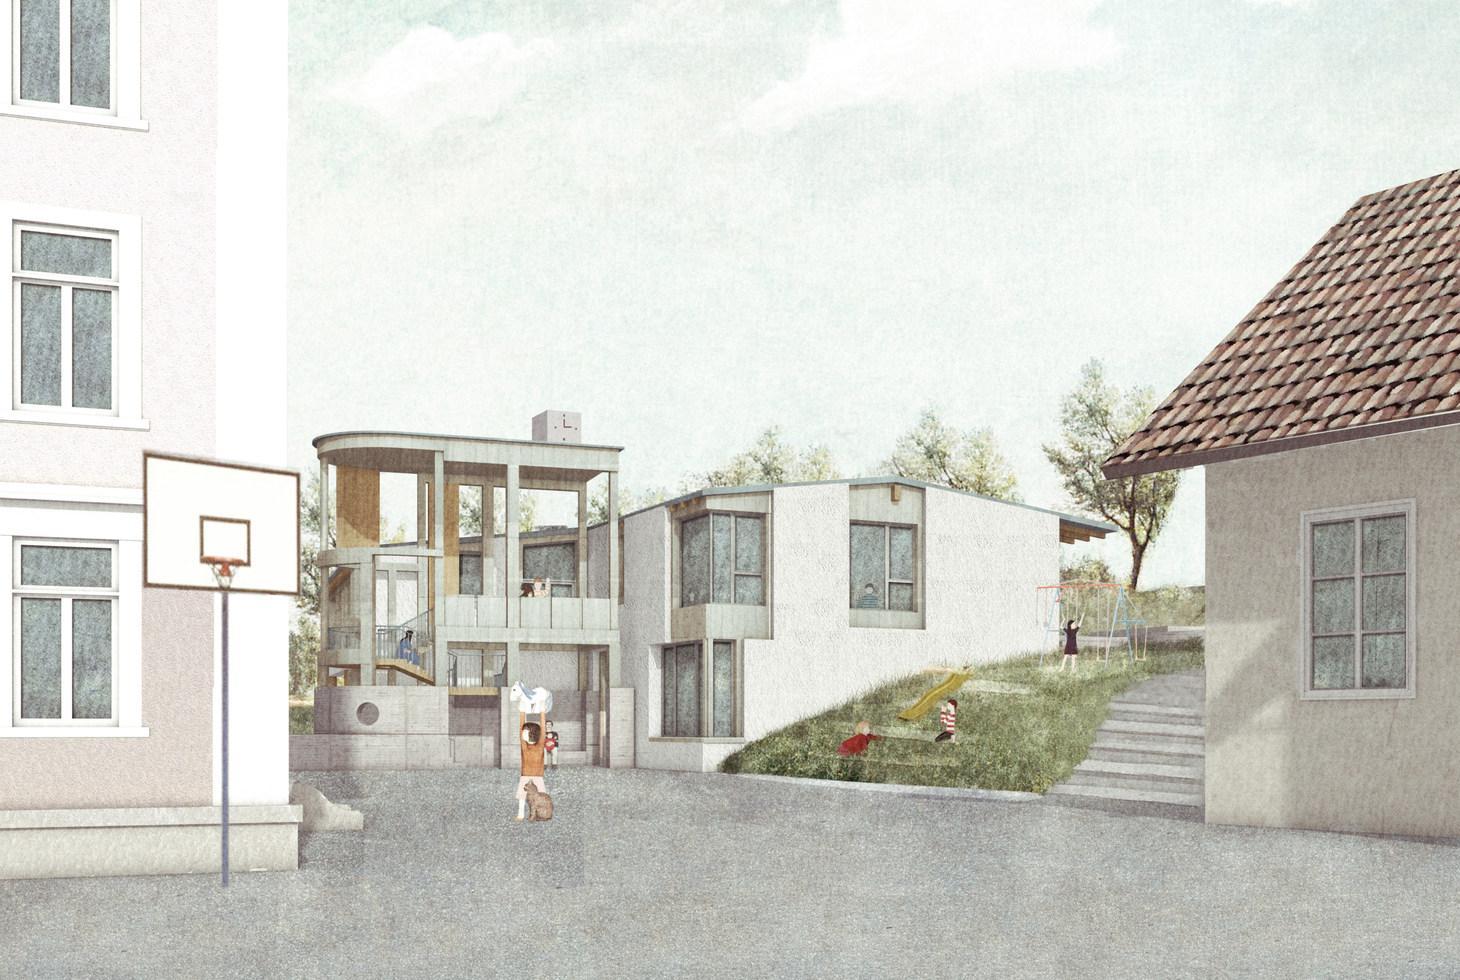 Die räumliche Erweiterung des bestehenden Platzes generiert einen eigenen Ankunftsort für die Kindergartenkinder.